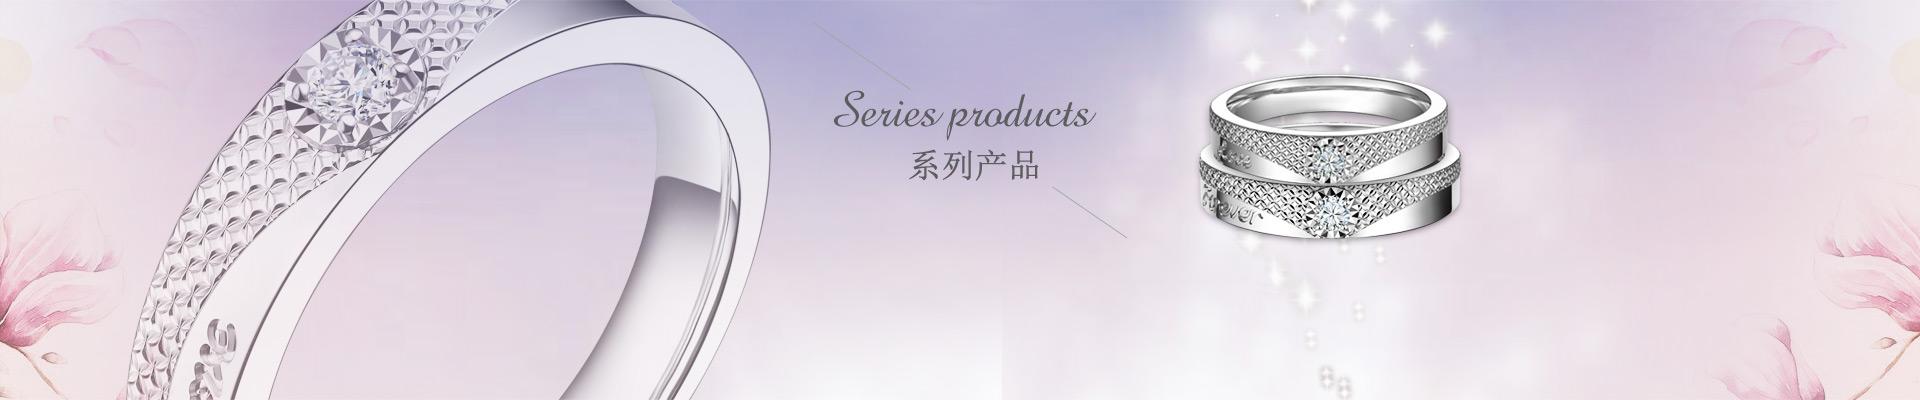 系列产品-湖北必赢bwinapp官方下载集团